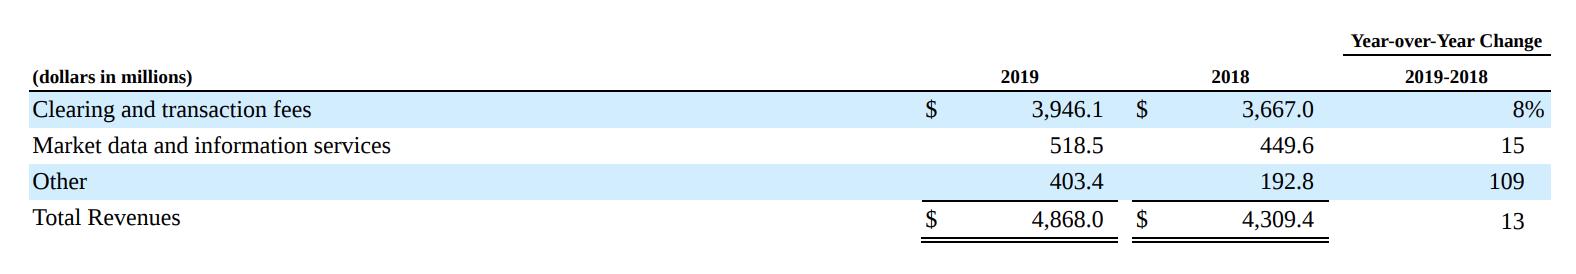 Выручка компании в миллионах долларов: плата за клиринговые и транзакционные услуги, рыночные данные и информационные услуги, другое, общая выручка. Источник: годовой отчет компании, стр. 35